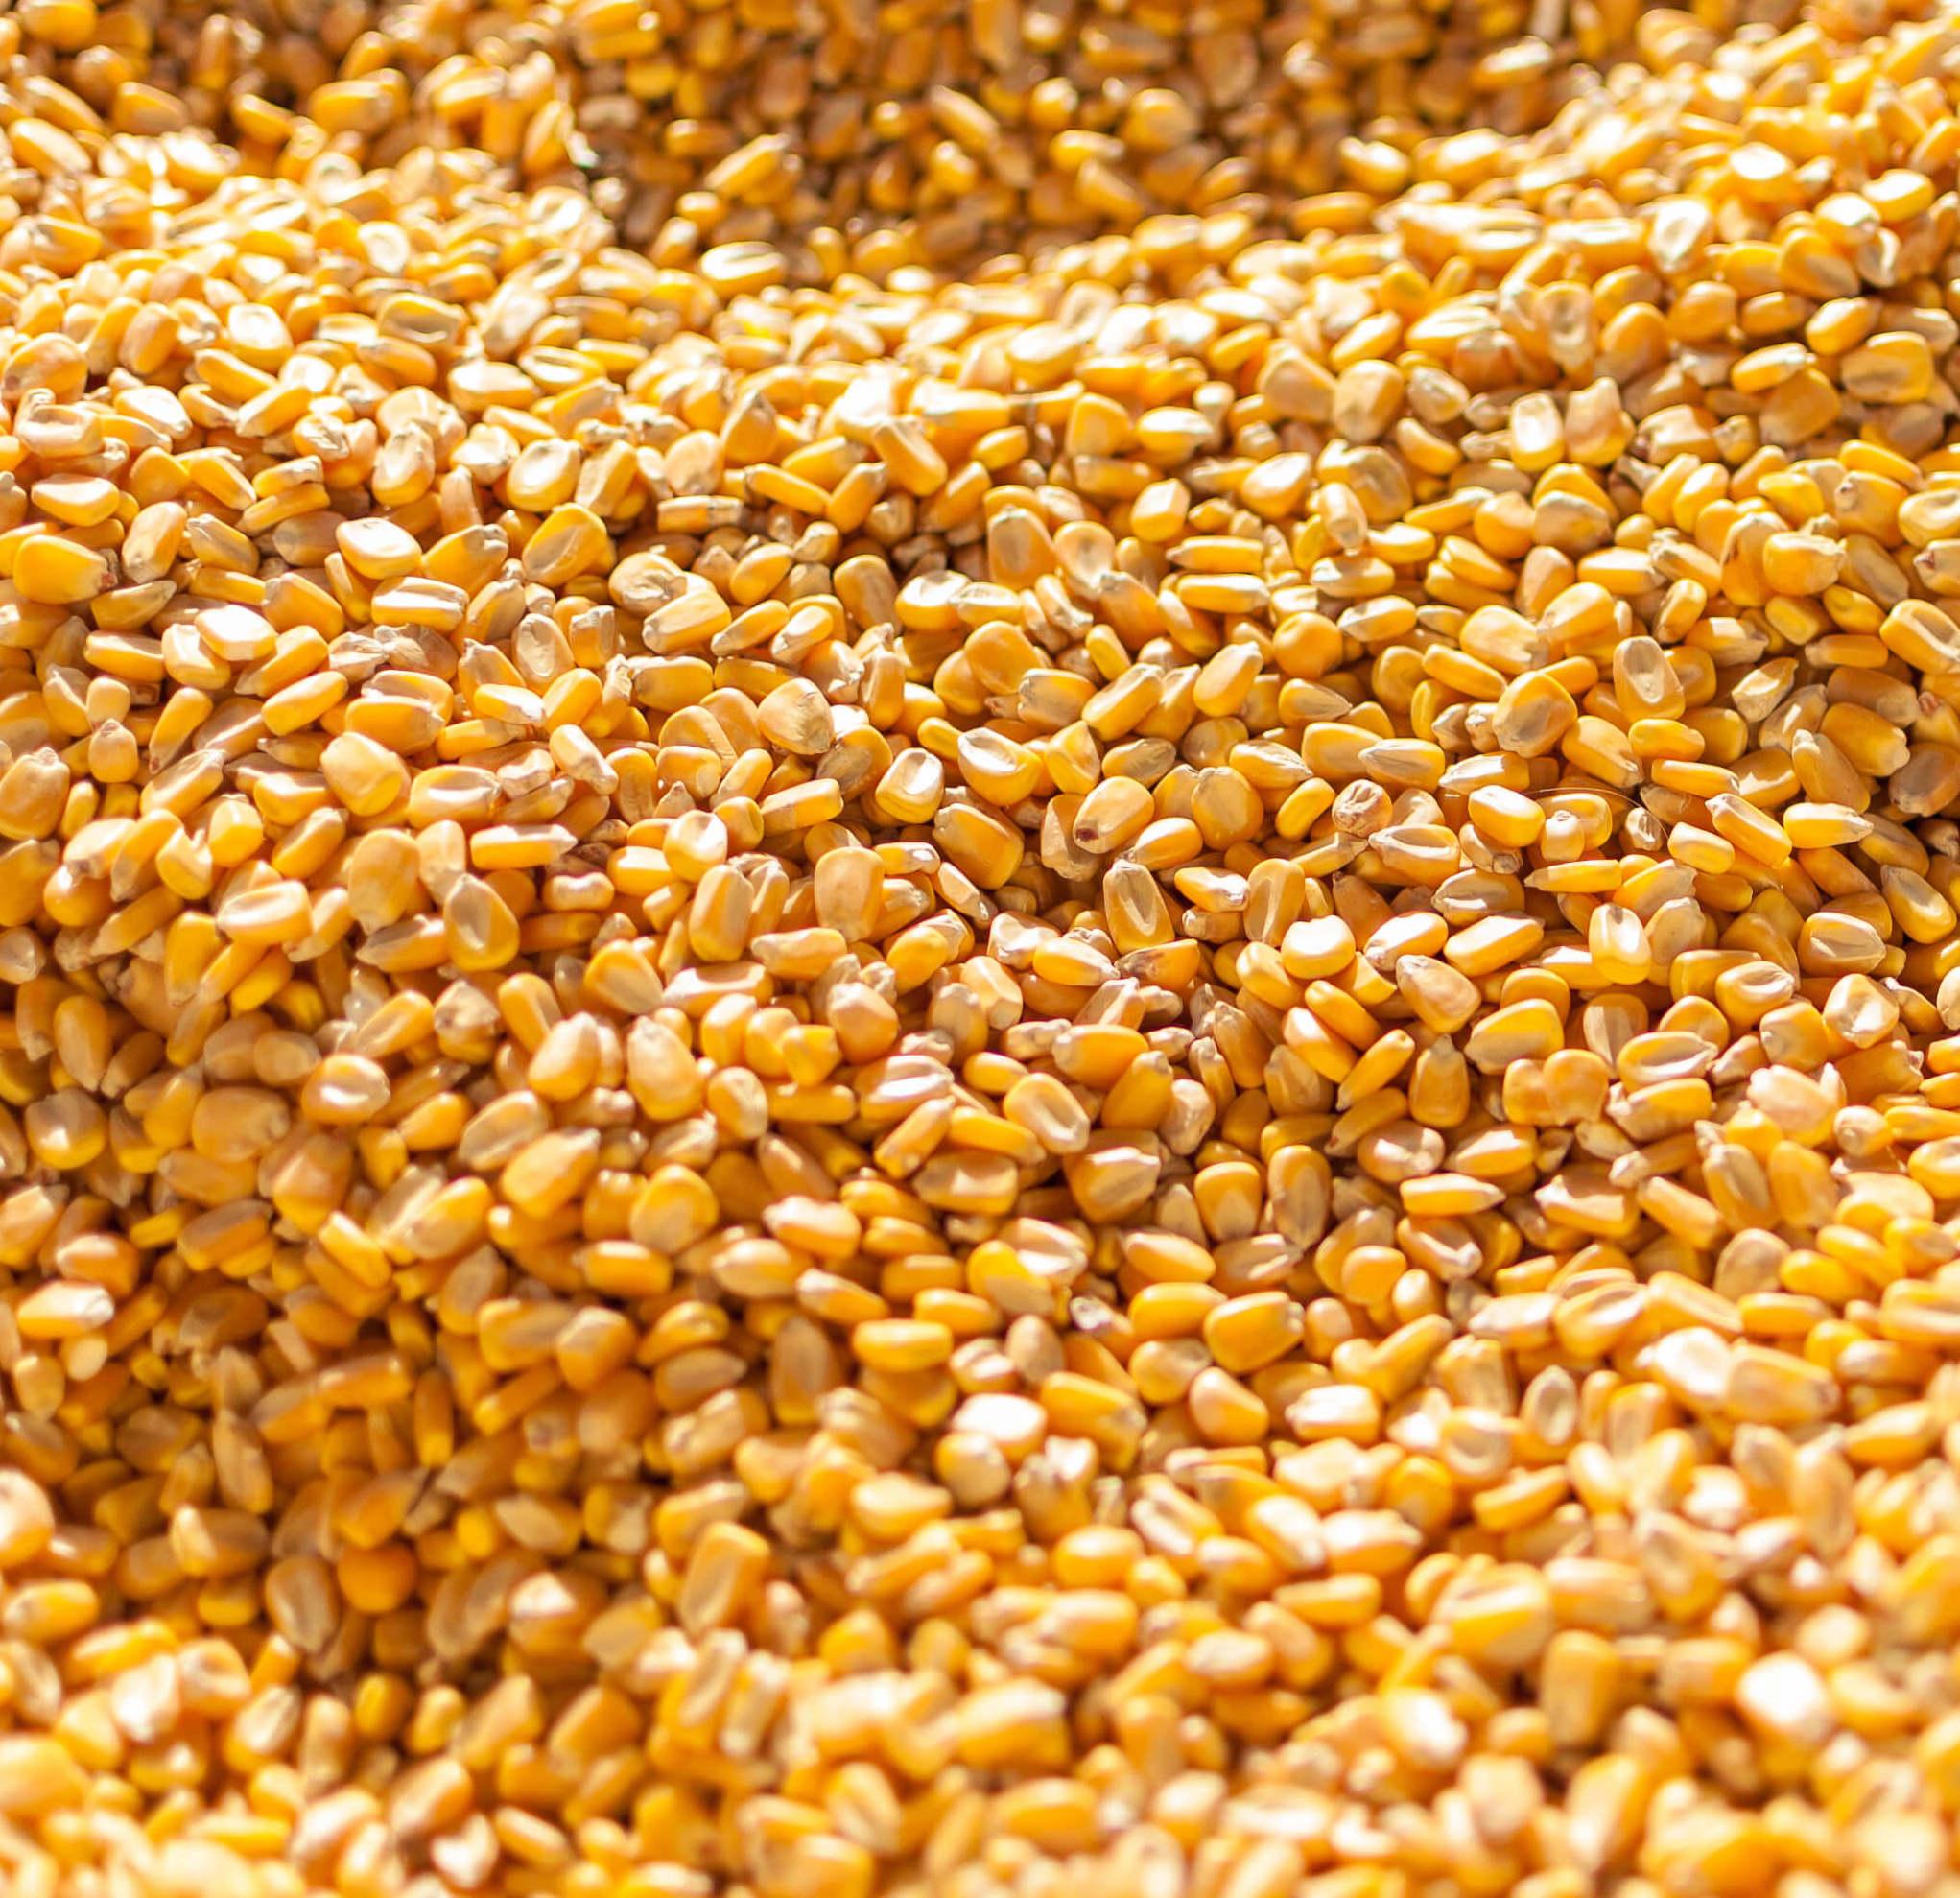 Yellow Maize & Yellow Corn